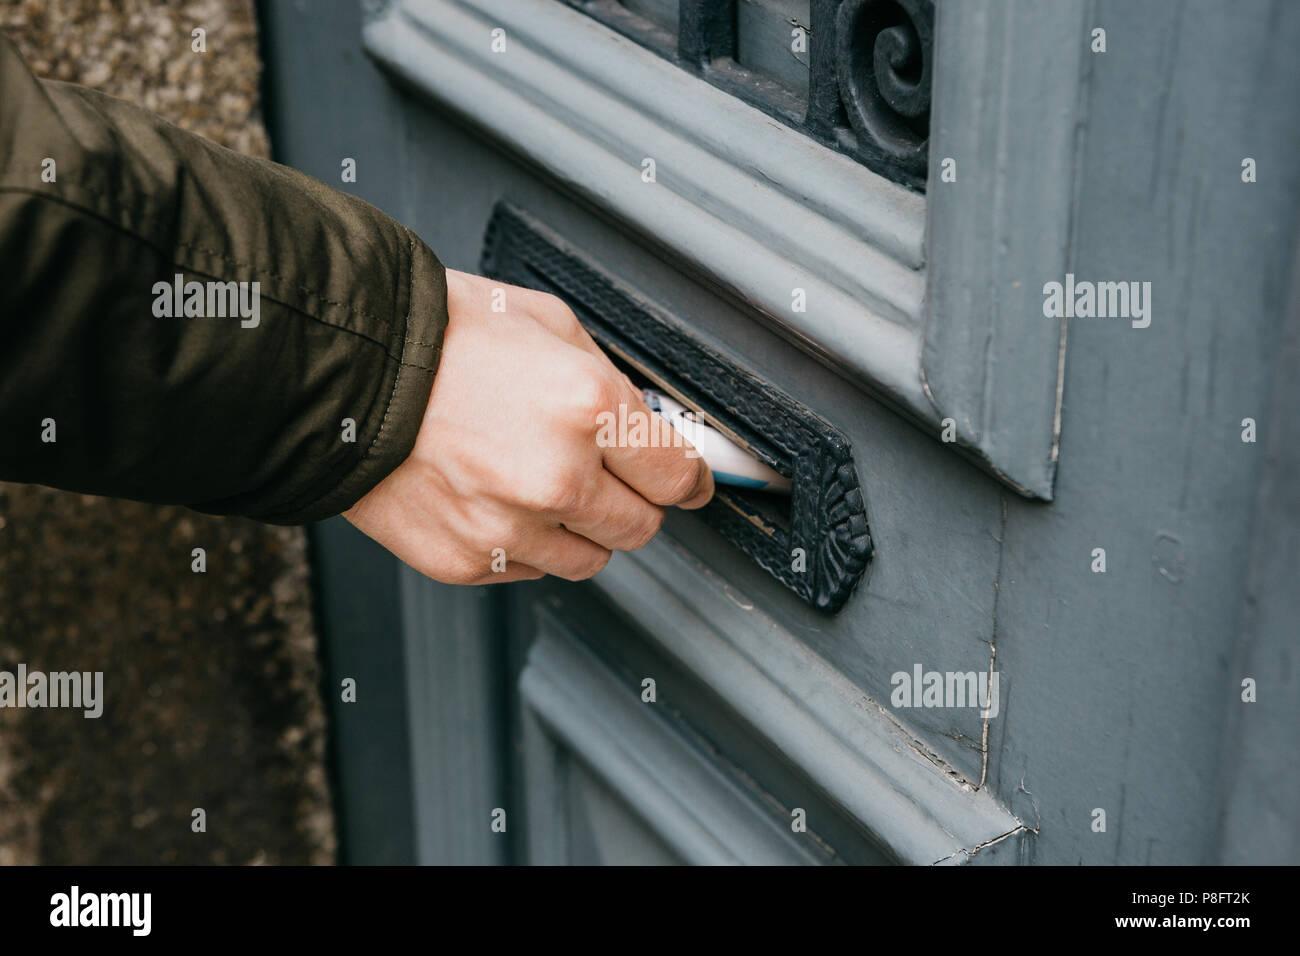 Der Postbote bringt einen Brief oder eine Zeitung oder Zeitschrift in der Mailbox an der Tür eines Wohnhauses oder einer Person stellt eine Broschüre mit Werbung. Stockbild